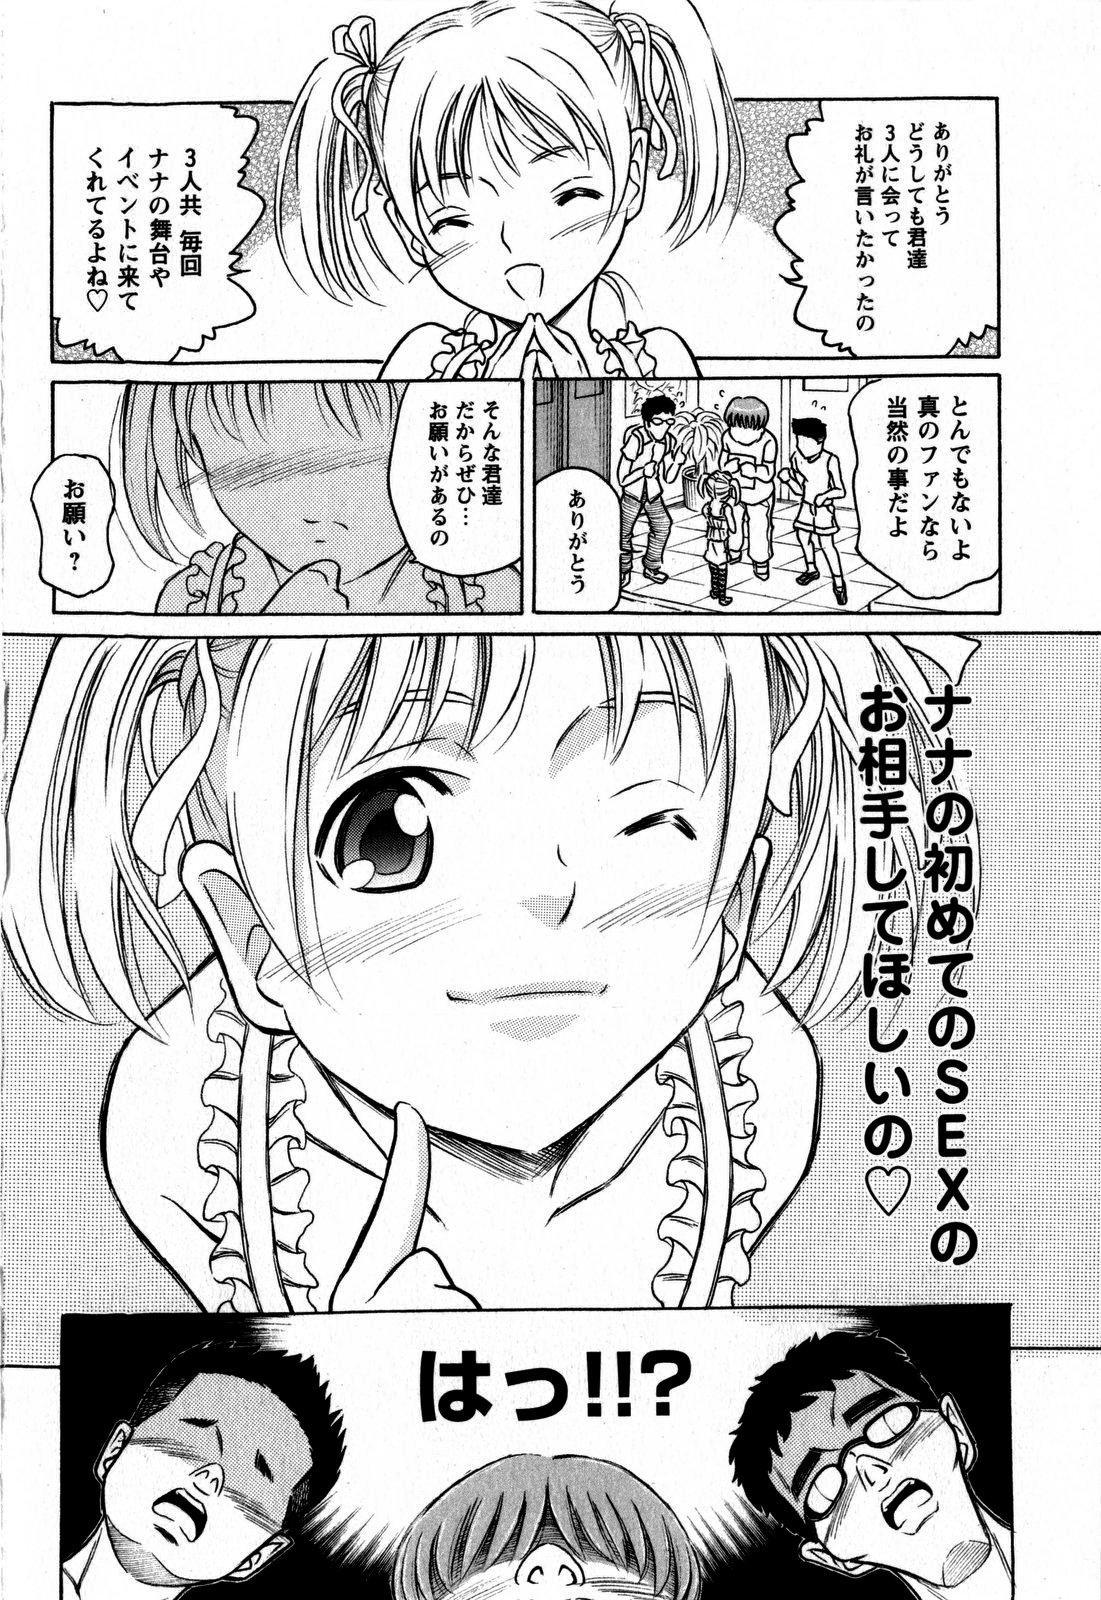 Comic Masyo 2009-06 229